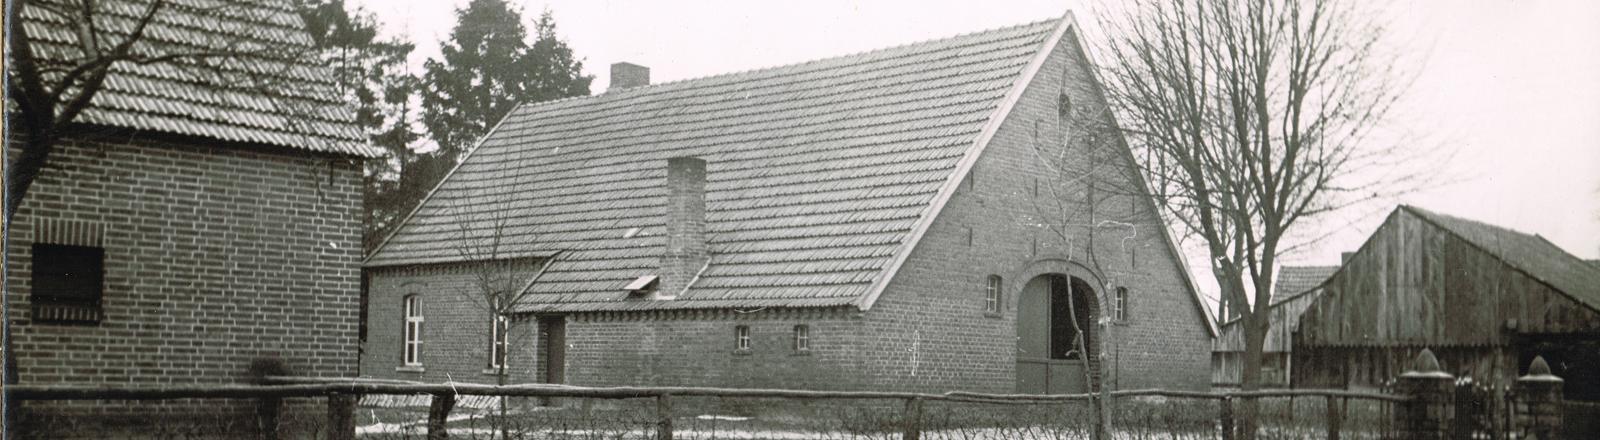 Der Bauernhof von Kathrins Oma, schwarz-weiß Fotografie